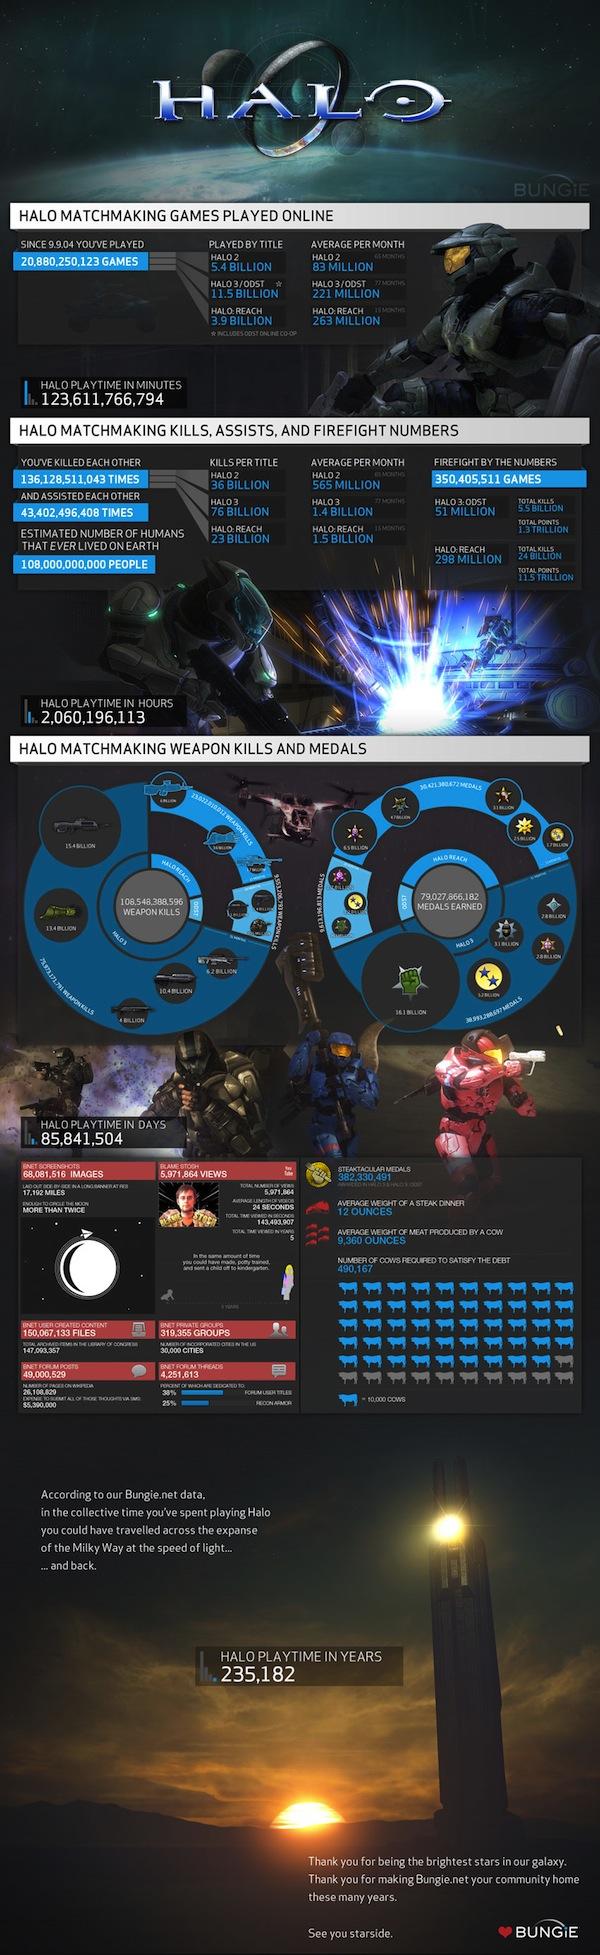 Bungie publica una impresionante infografía acerca del tiempo que se jugó Halo bajo sus servidores